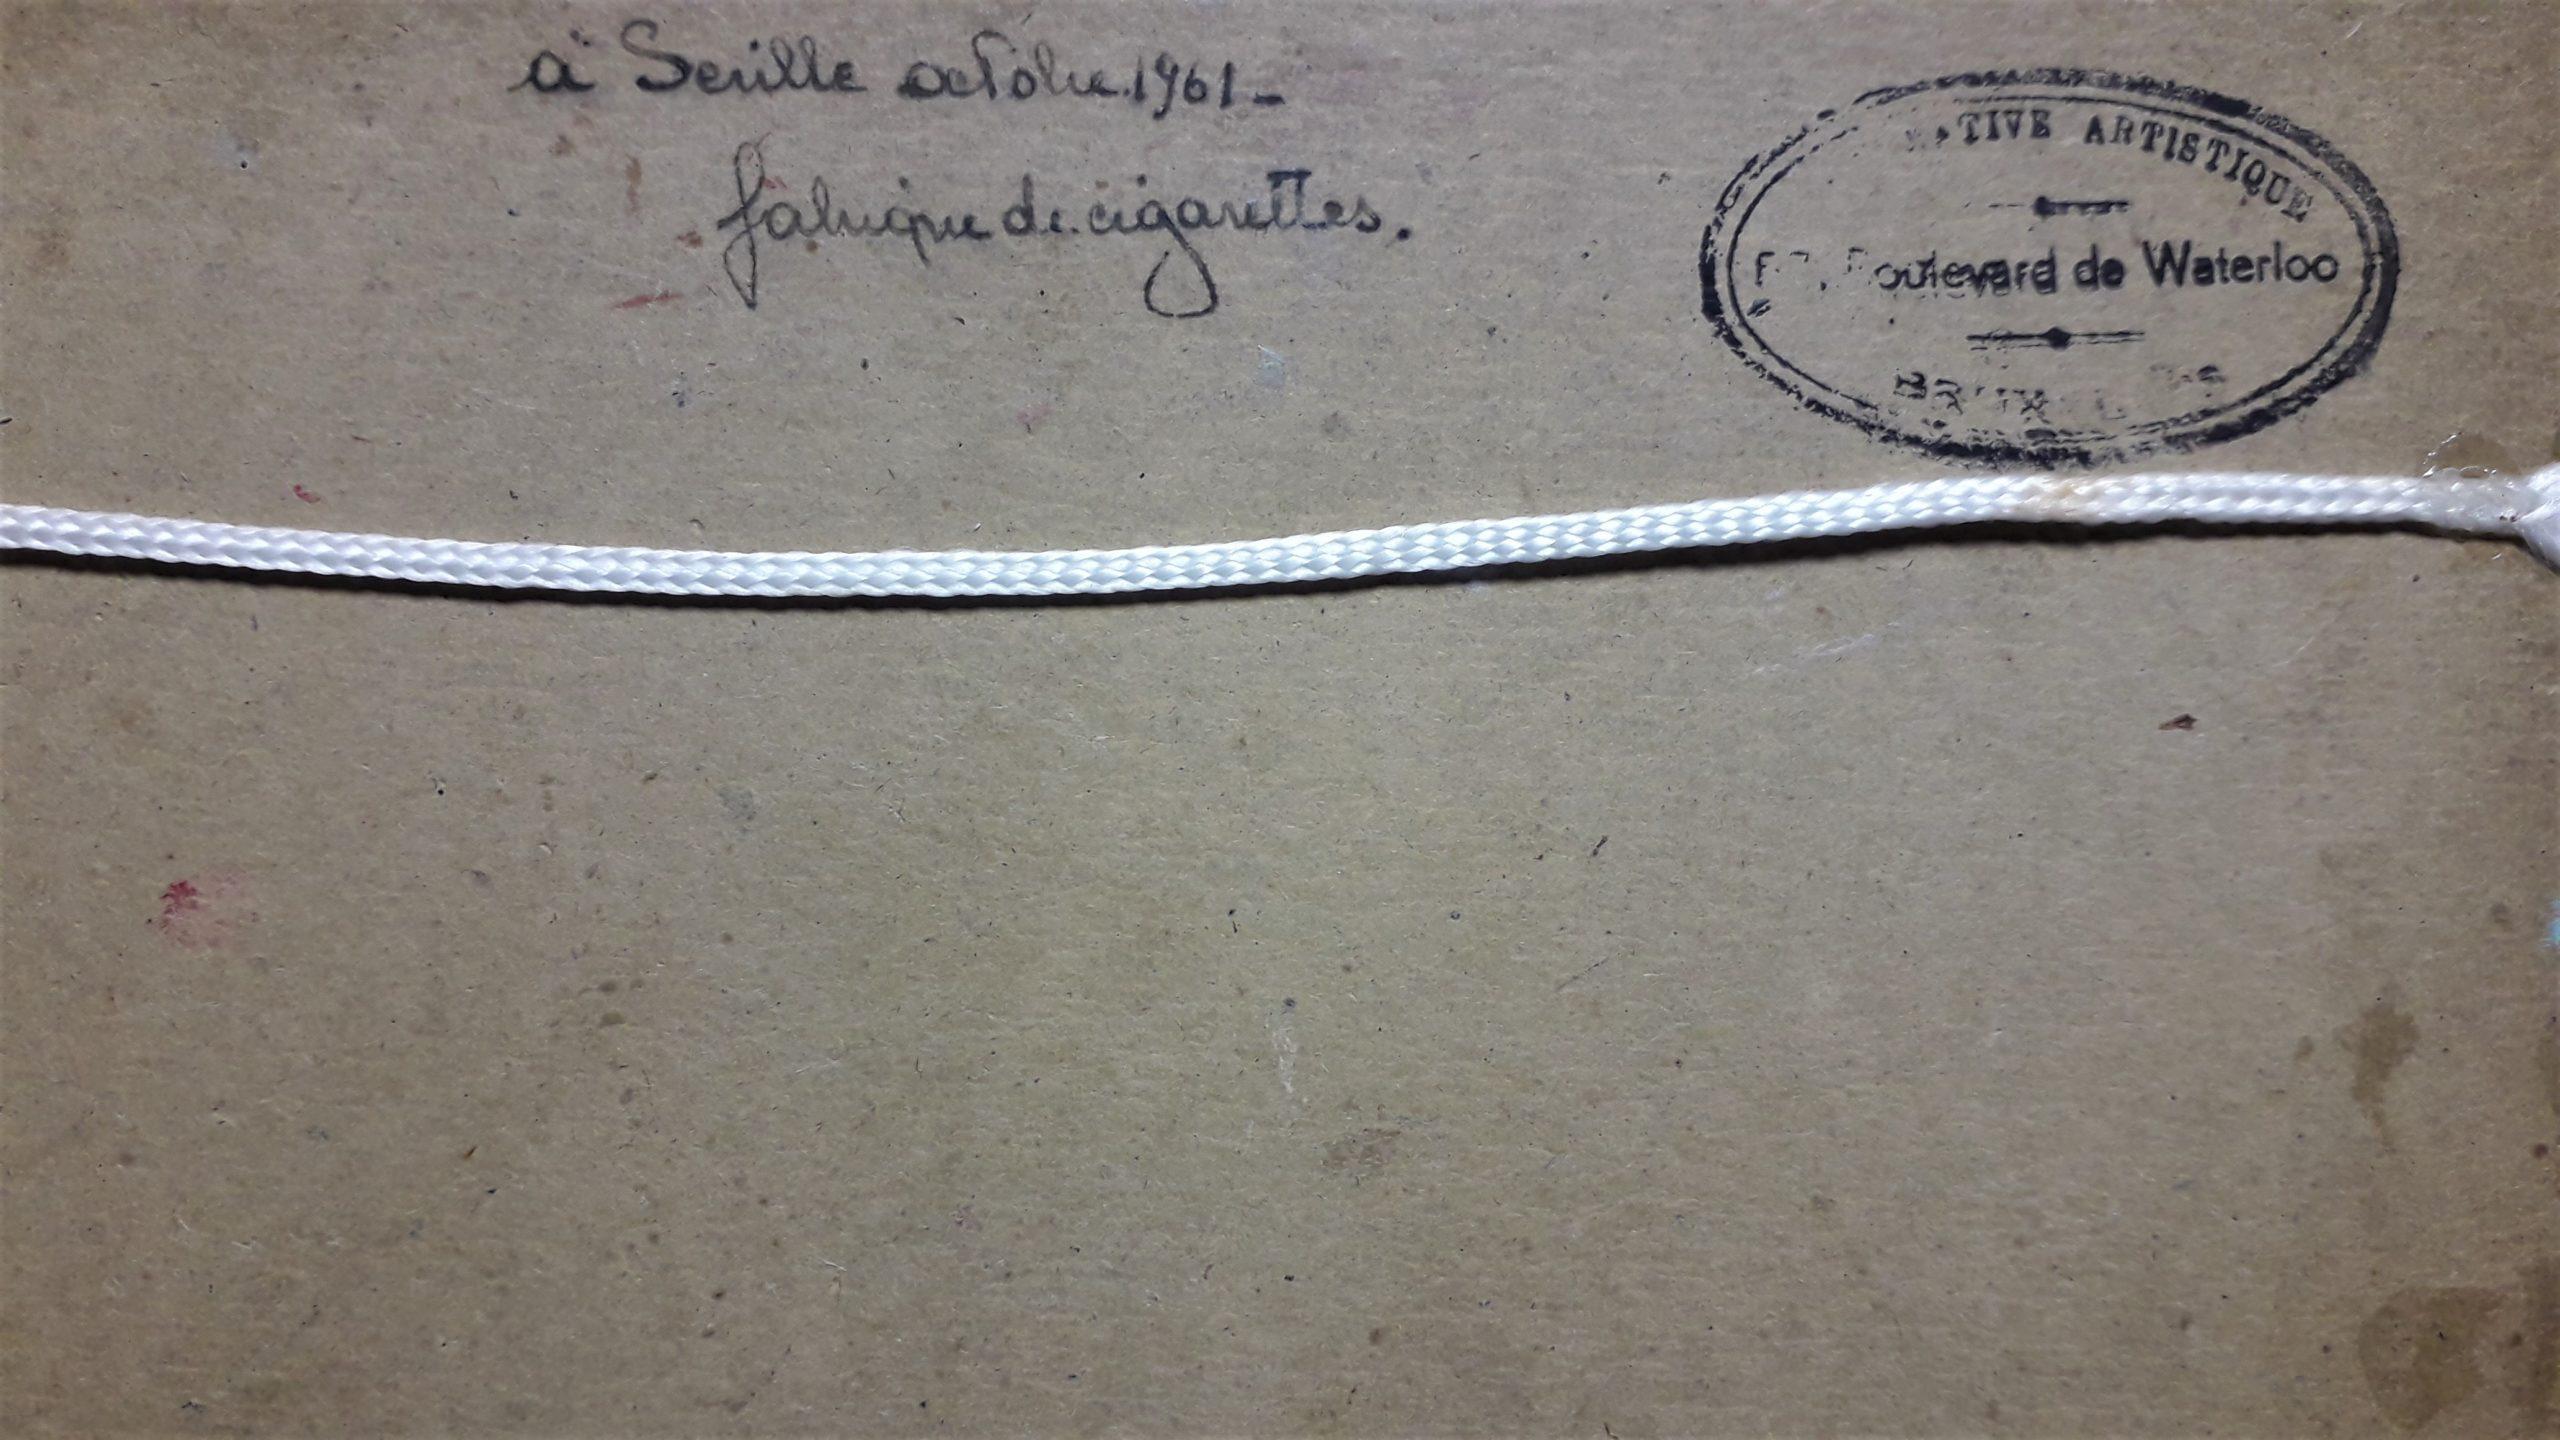 gerard-maud-seville-la-fabrique-de-cigarettes-1961-verso-detail